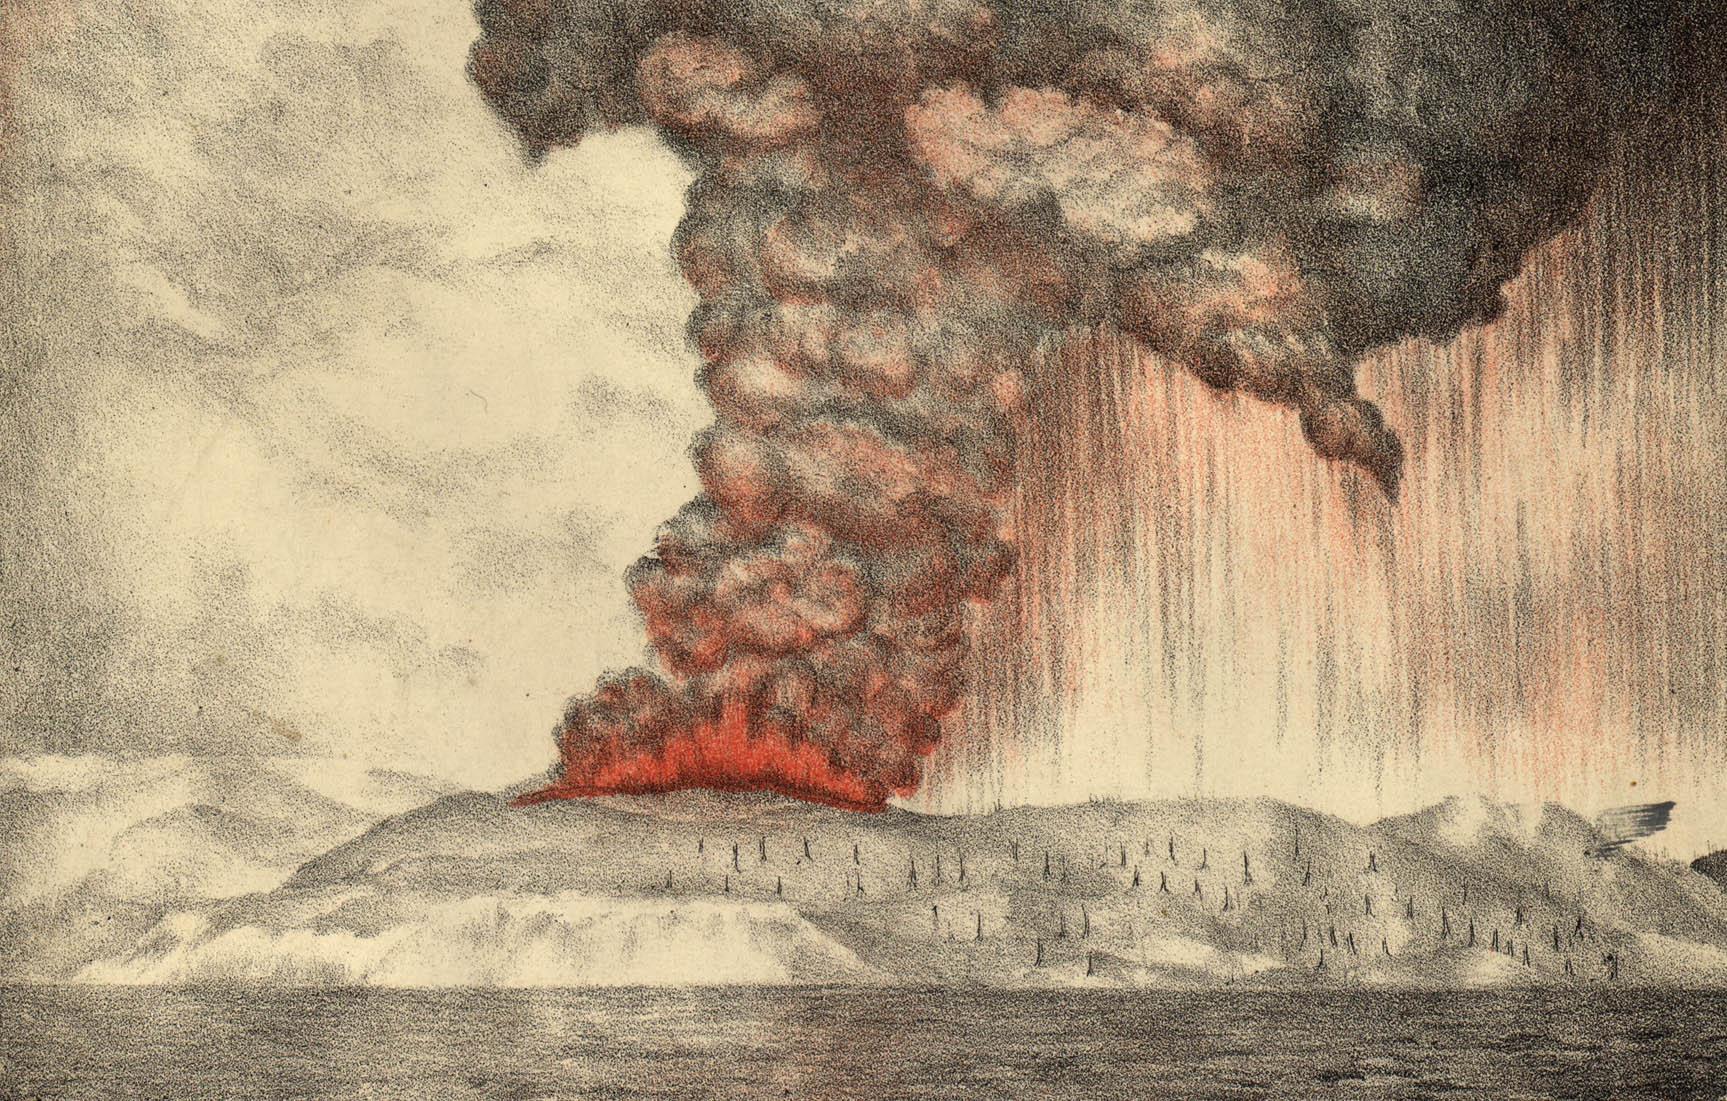 ภูเขาไฟกรากะตัวระเบิดในปี 1883